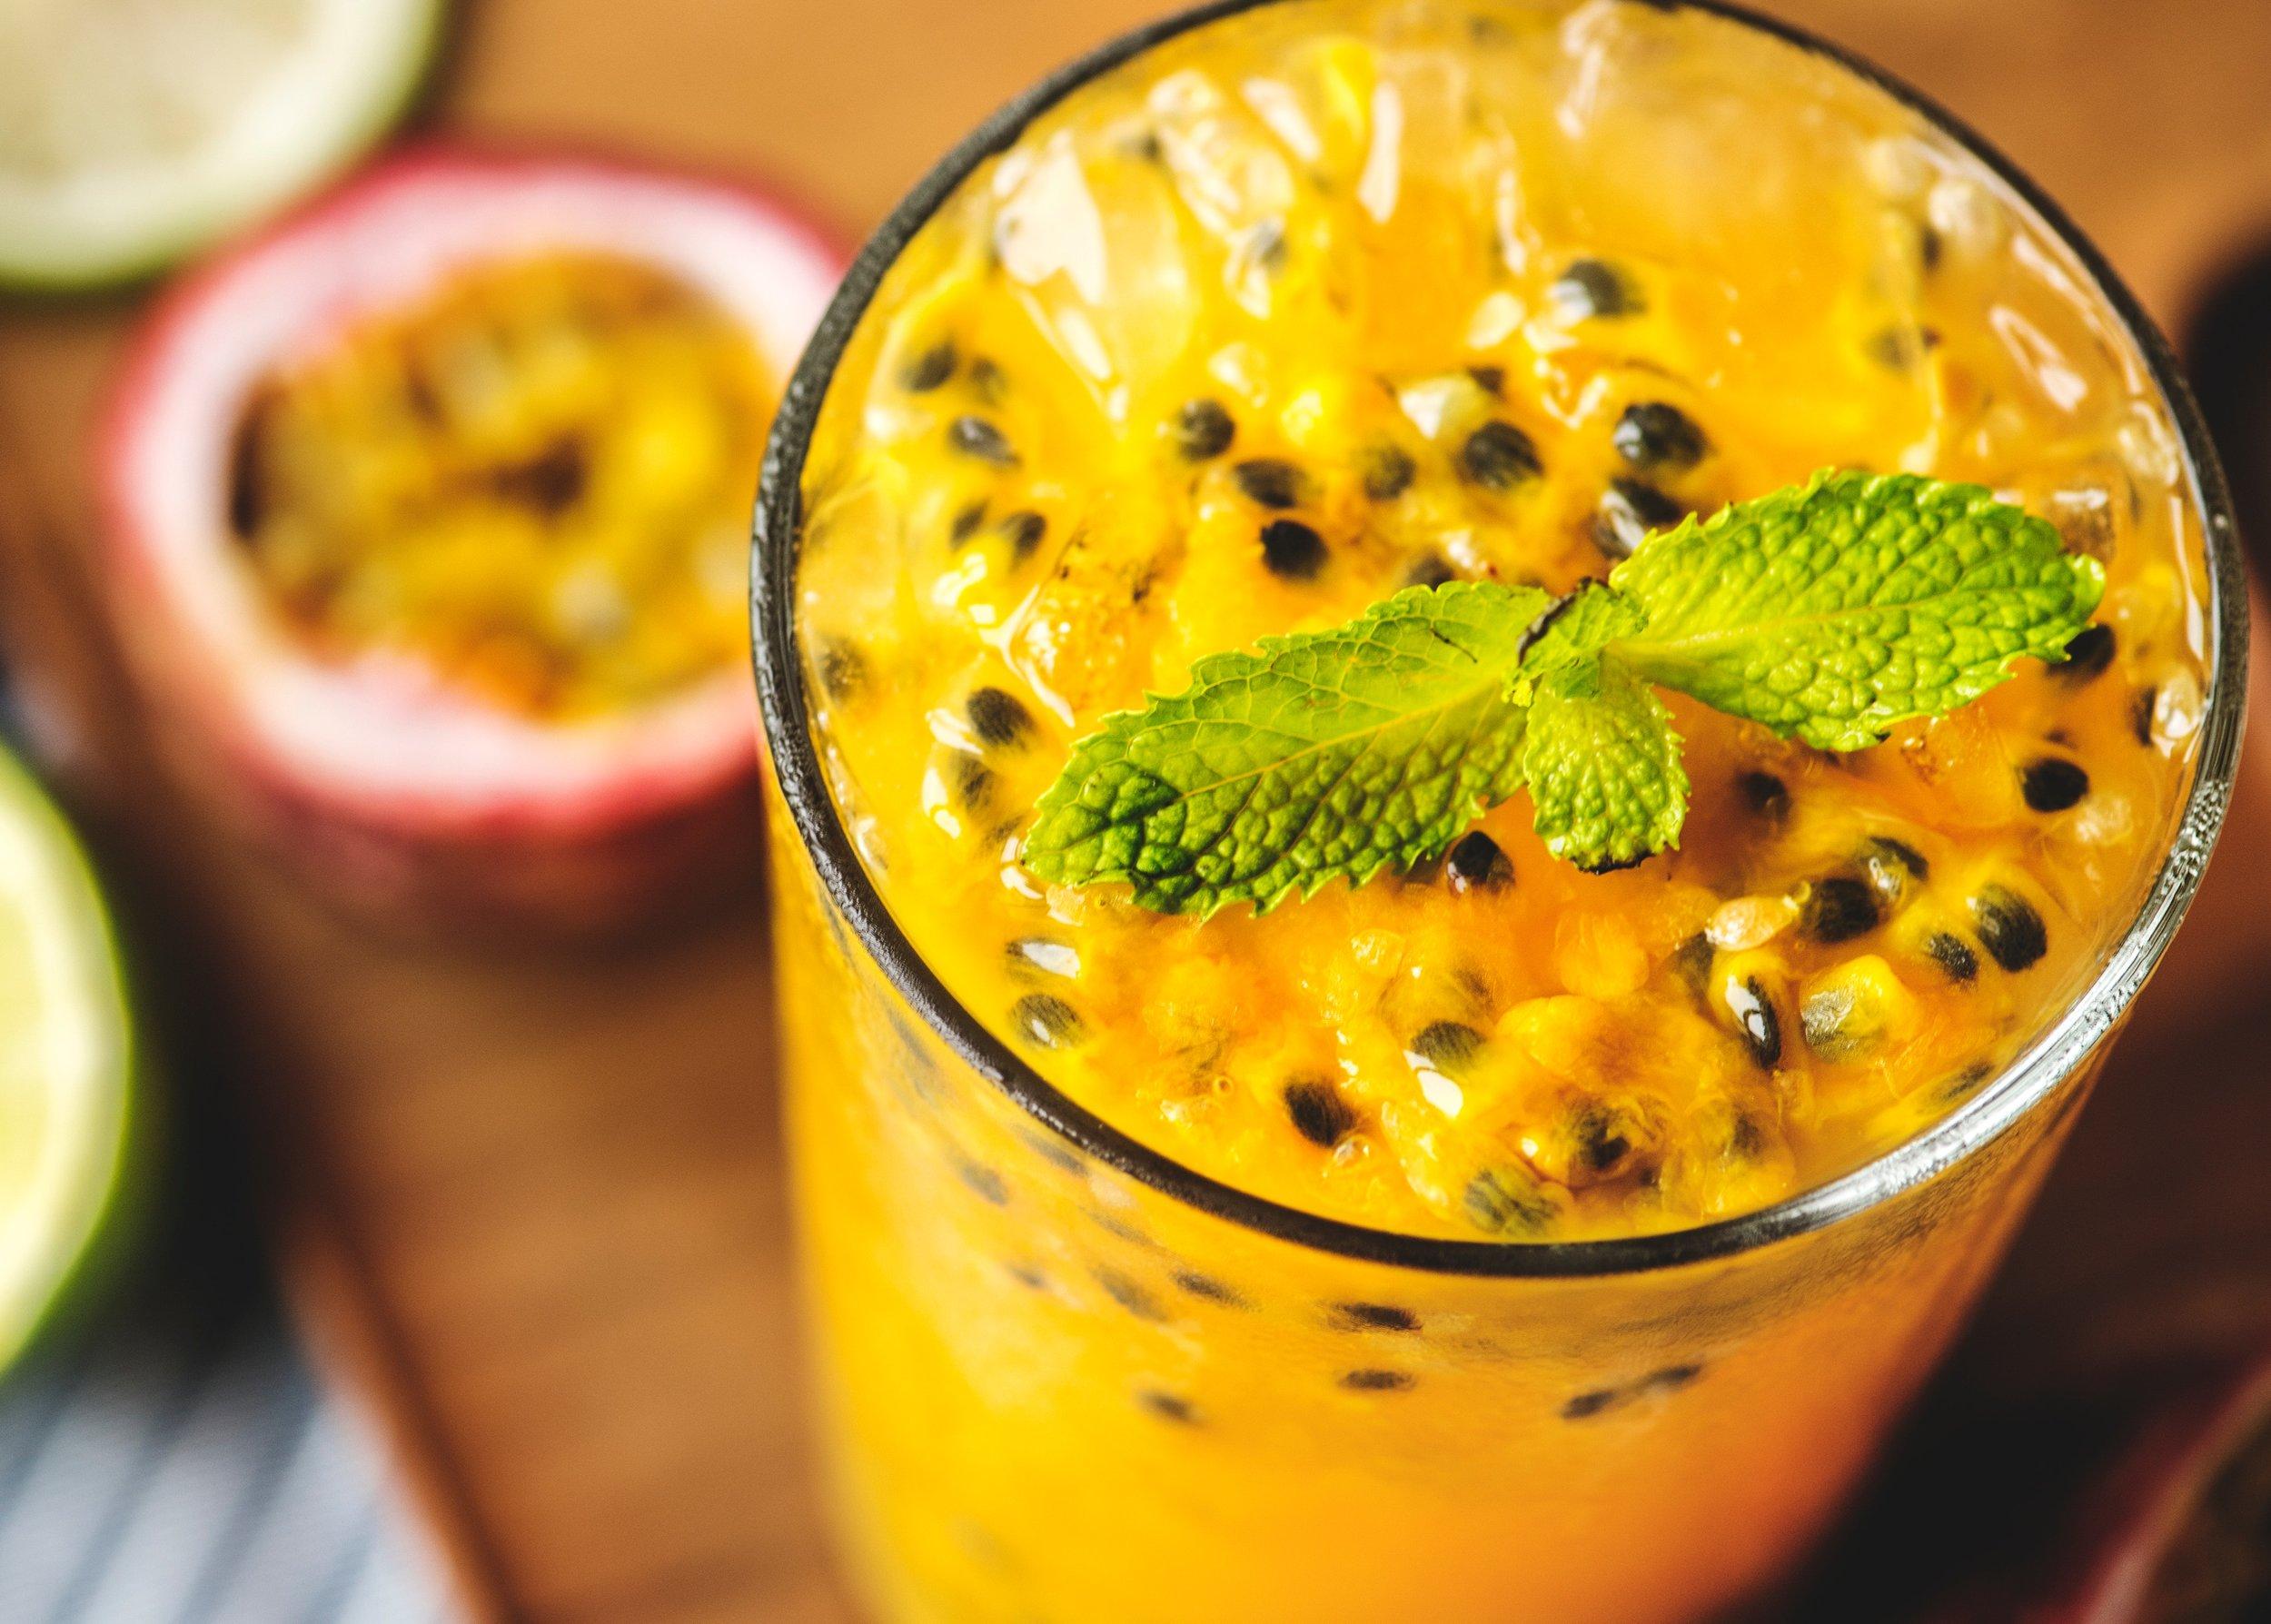 beverage-blended-cocktail-1157861.jpg